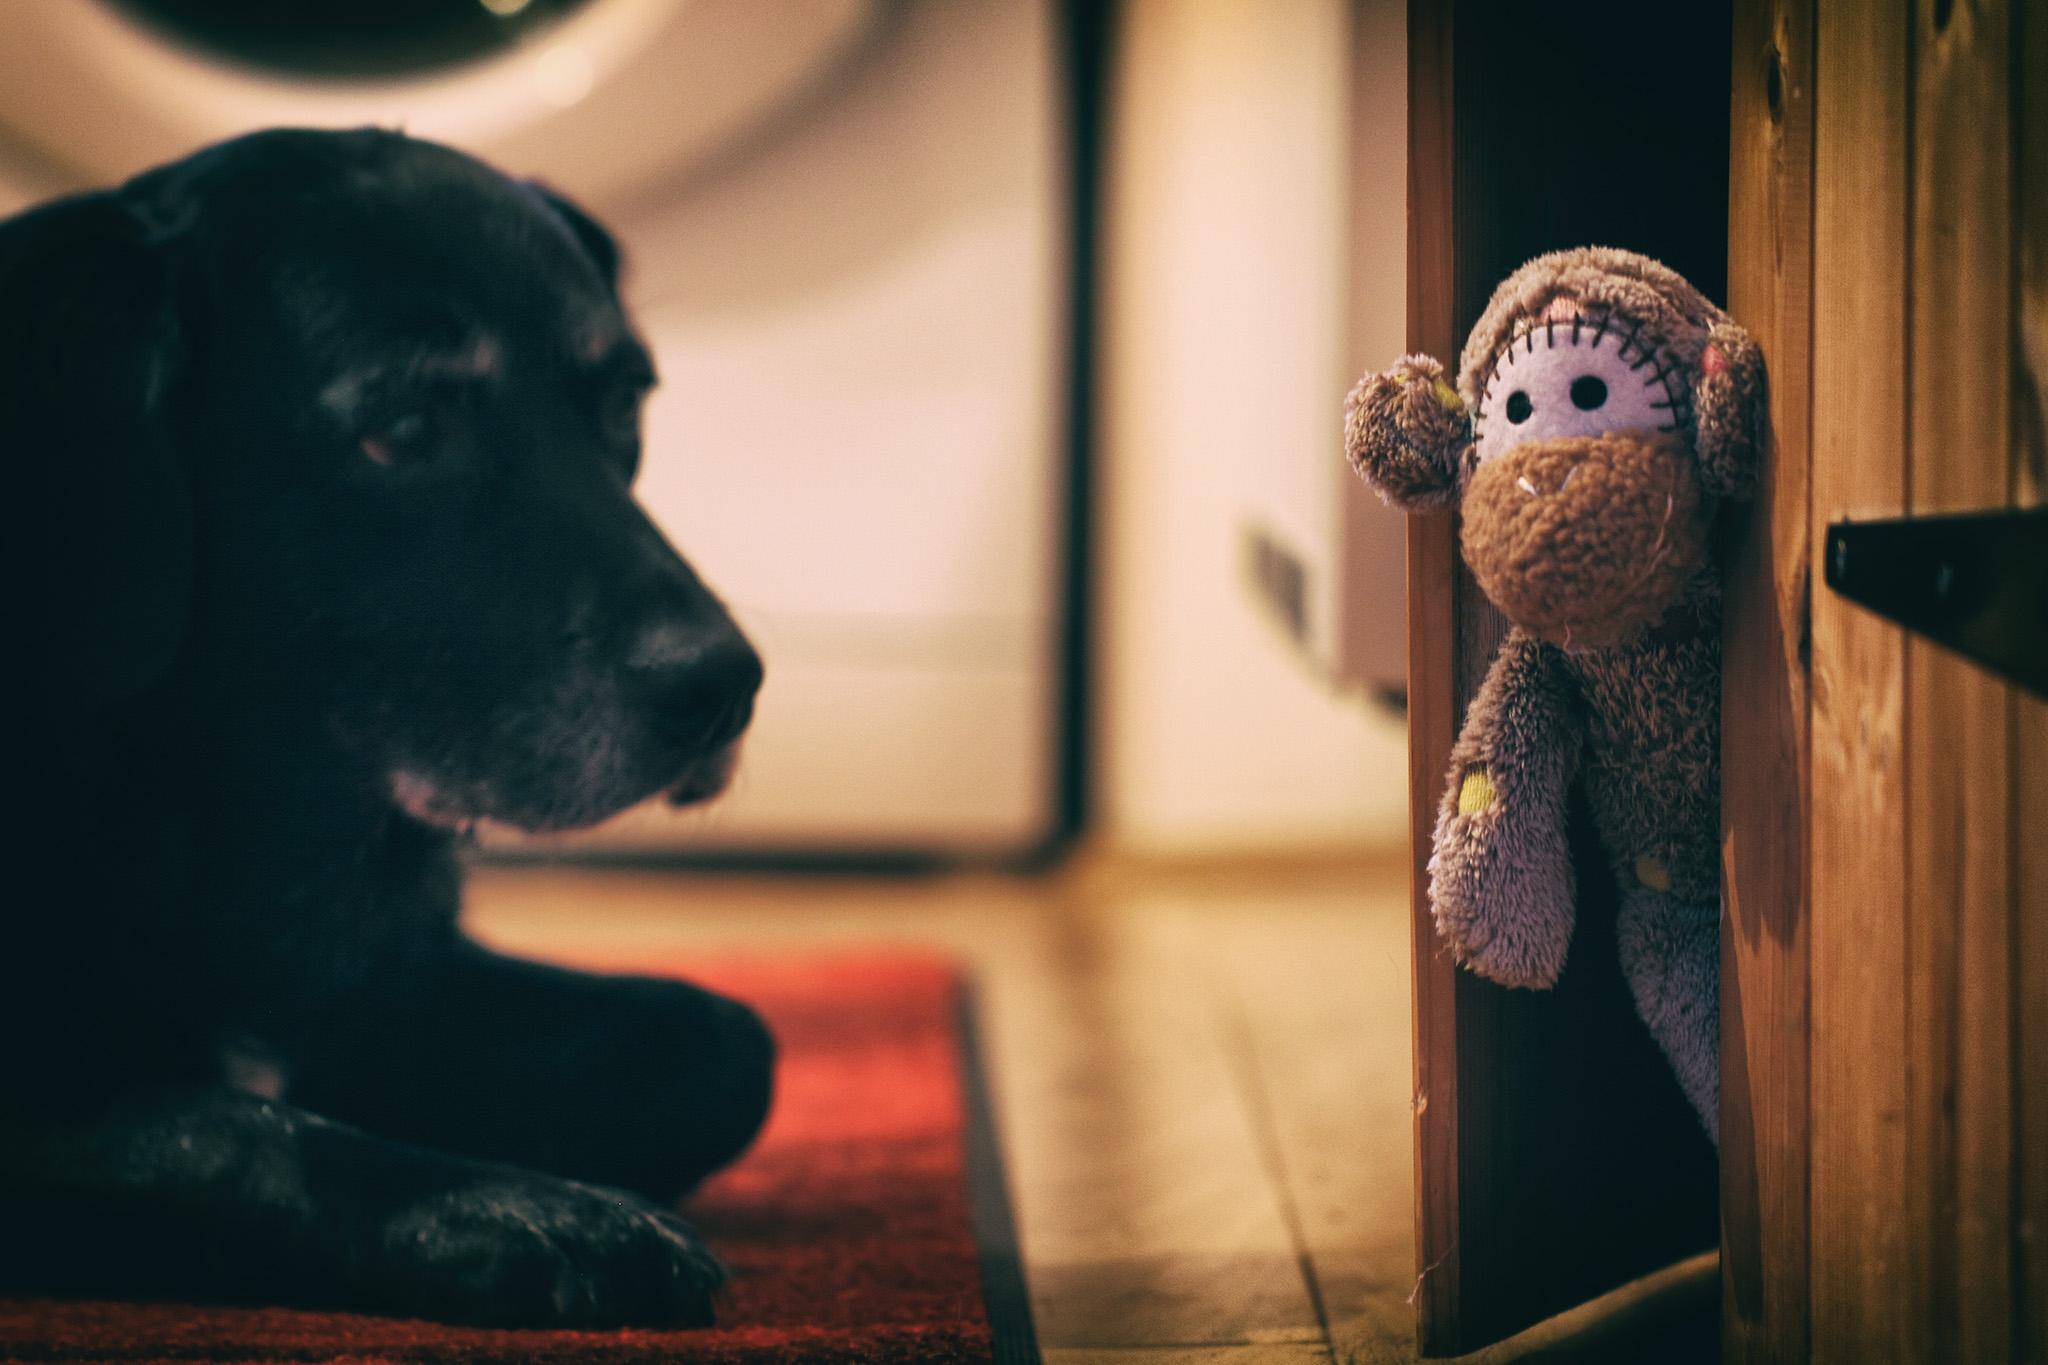 Amüsant Haustier Affe Foto Von Schwarz Blau Hund Spielzeug Schrank Versteckt Kunst